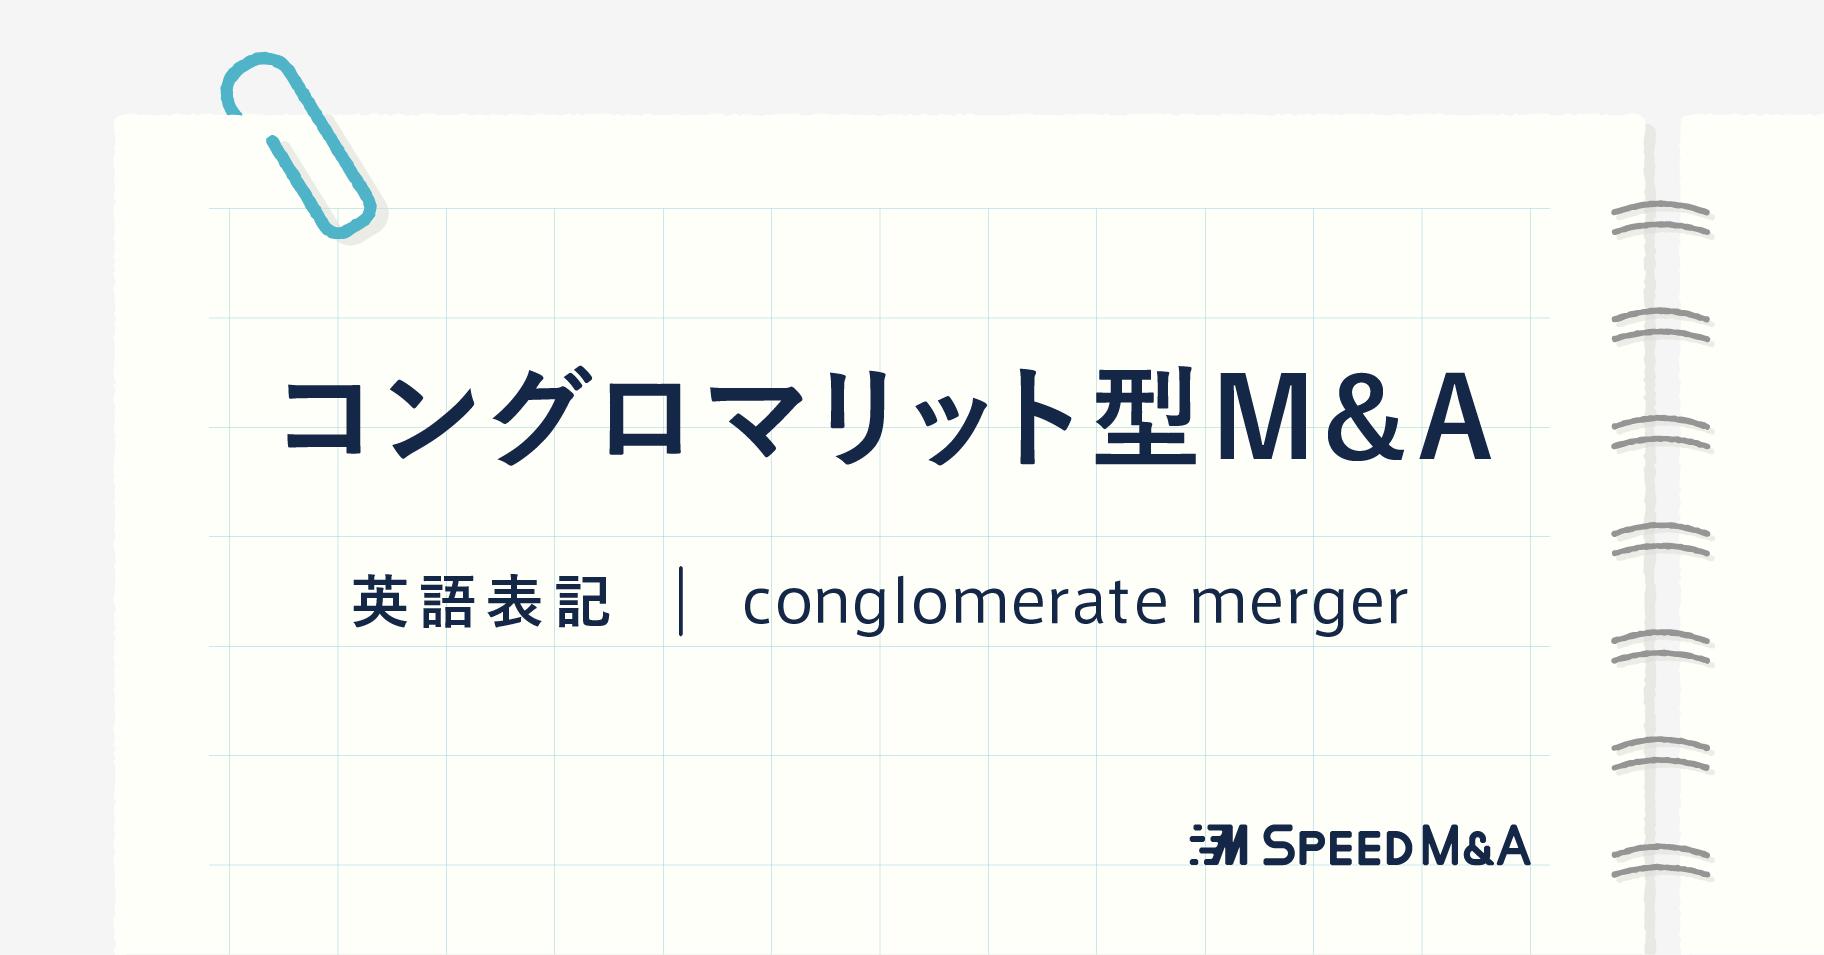 コングロマリット型M&Aとは